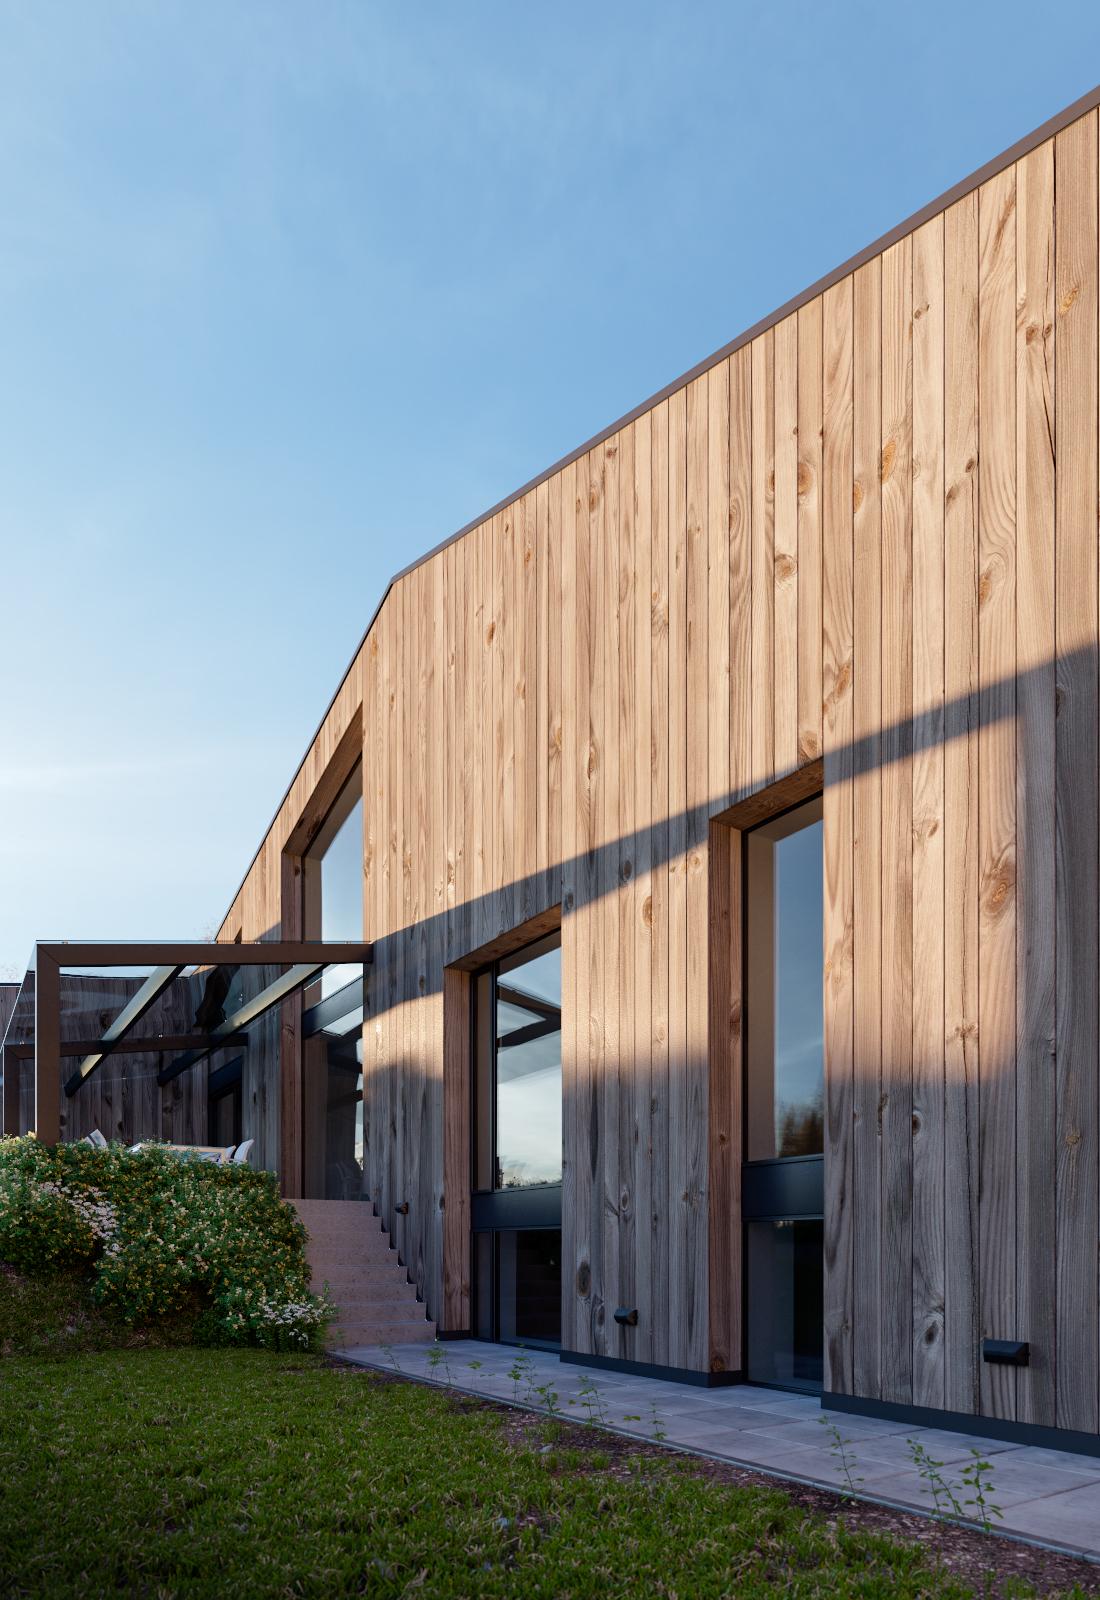 Render Ster van de Week - Woning in Diepenheim door Maas Architecten. Impressies gemaakt door Triple D